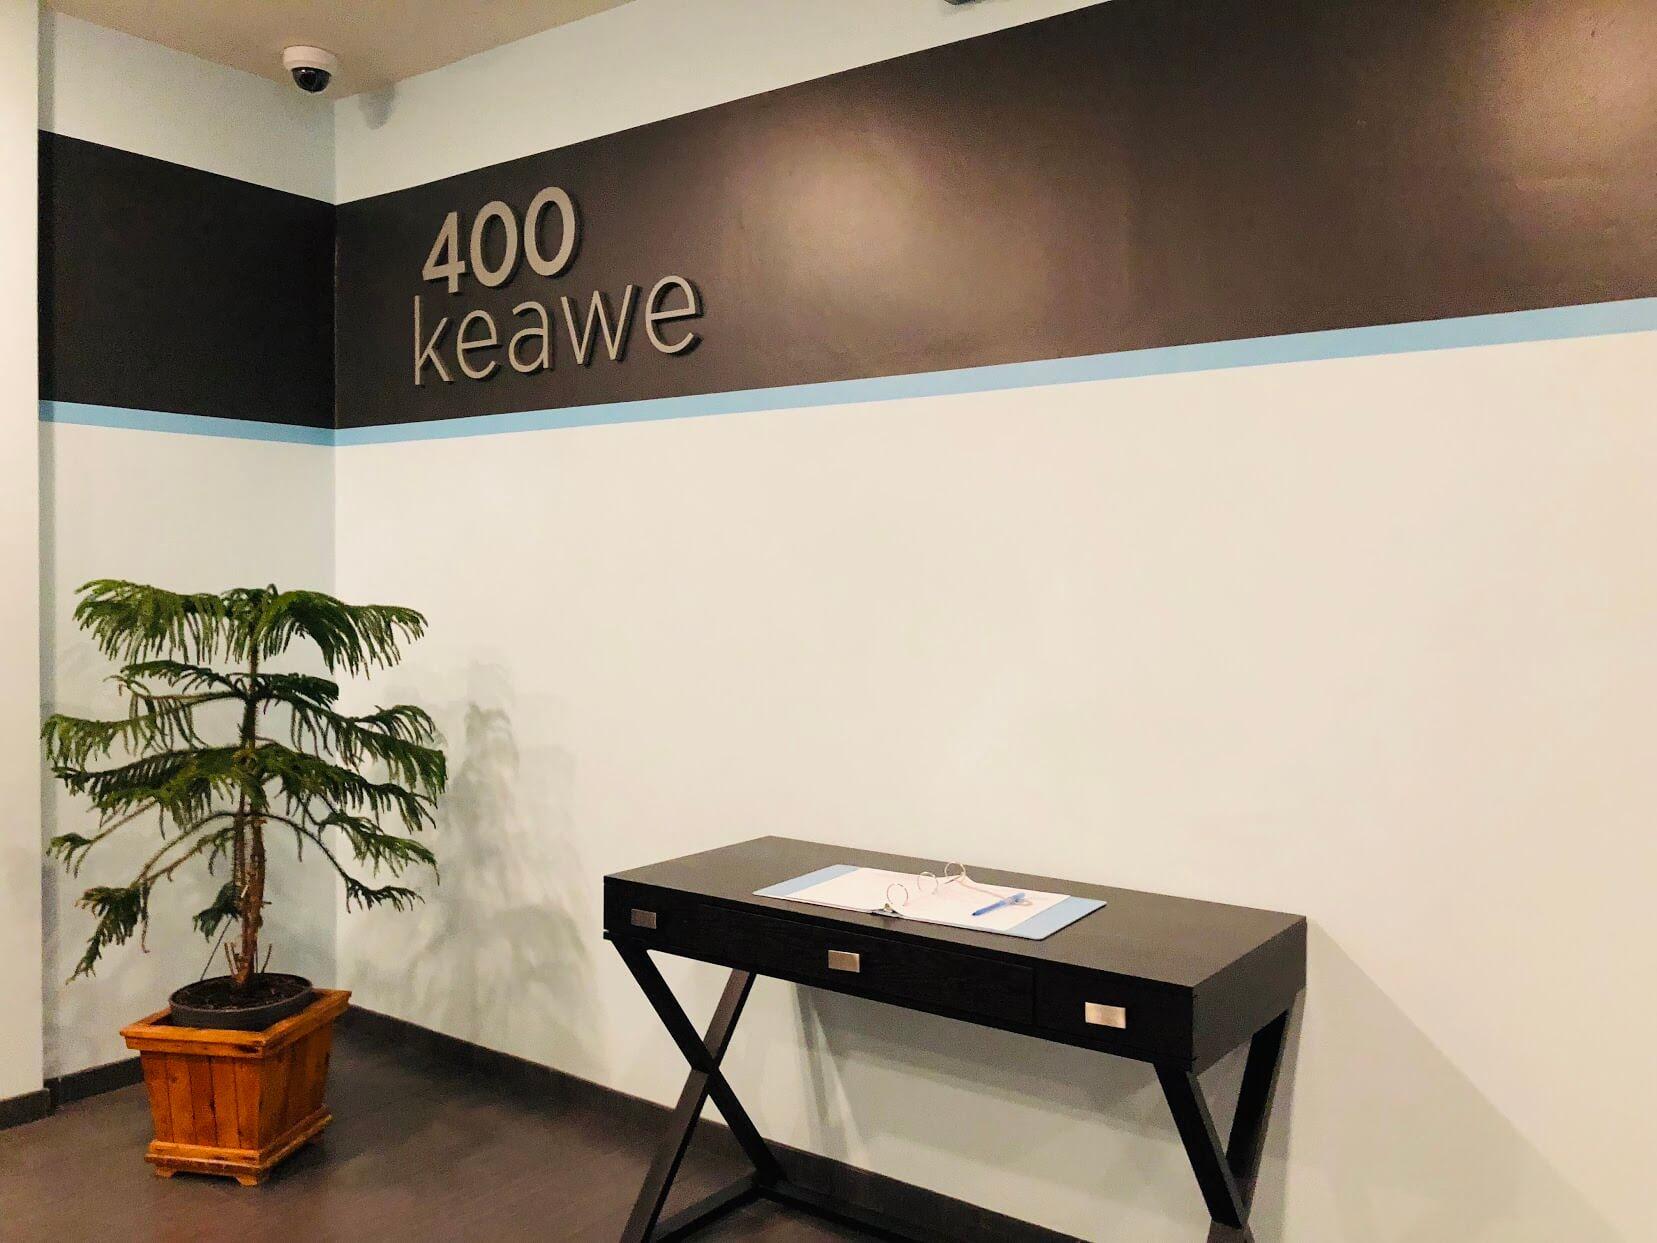 400 Keaweの受付